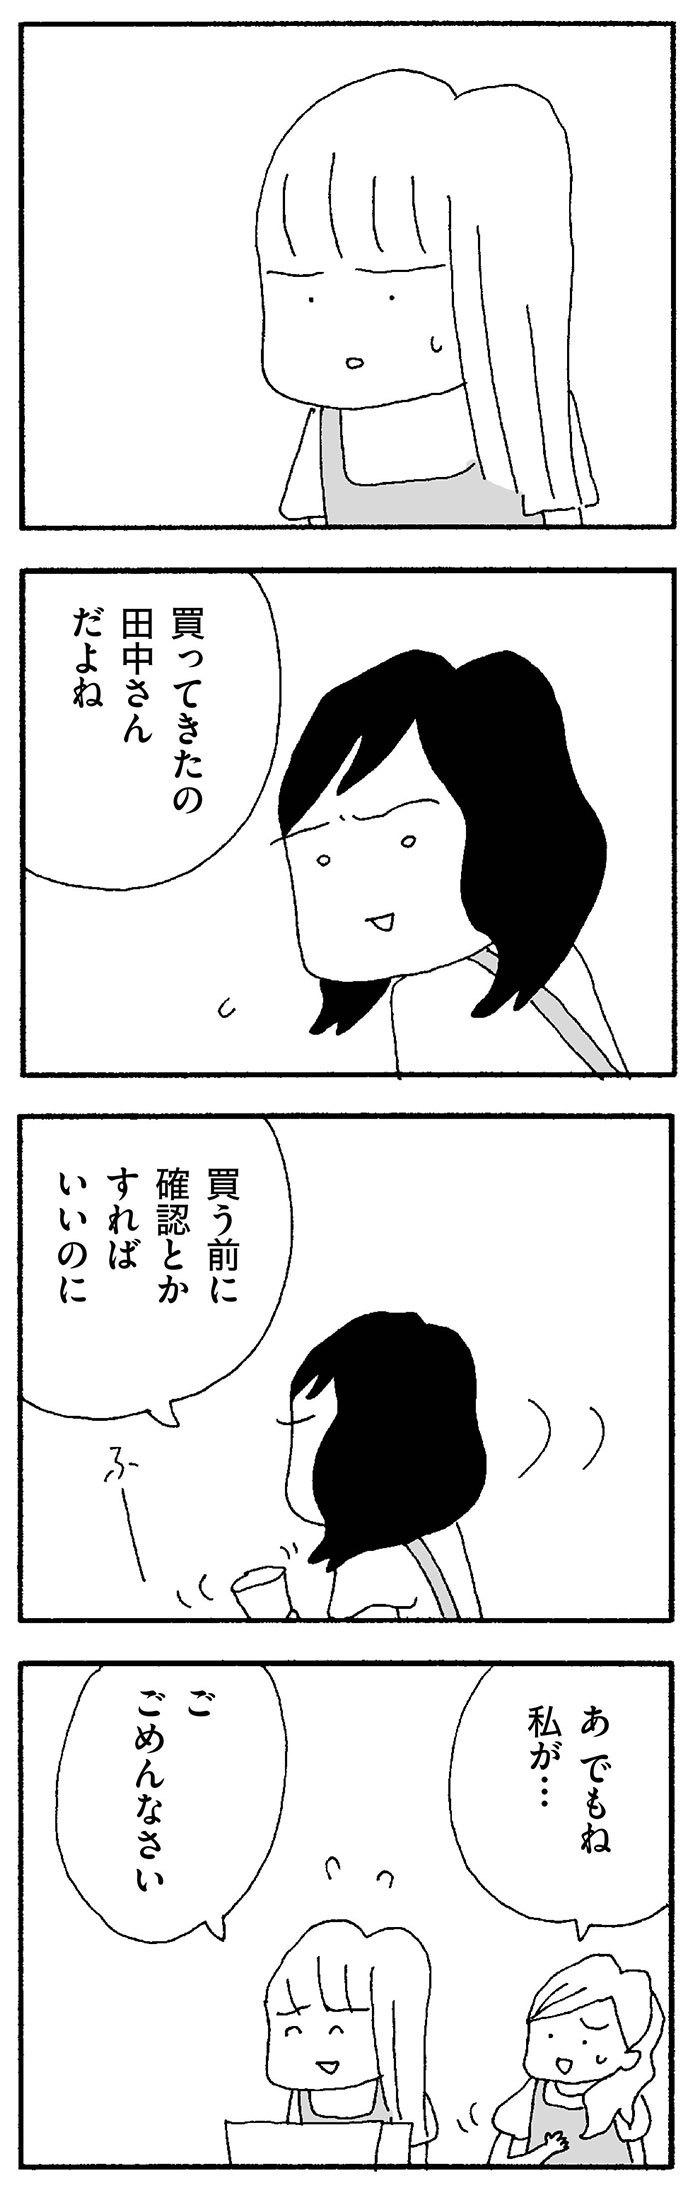 【連載】ママ友がこわい 第4話 「どうして嫌われちゃったんだろう・・・」の画像11